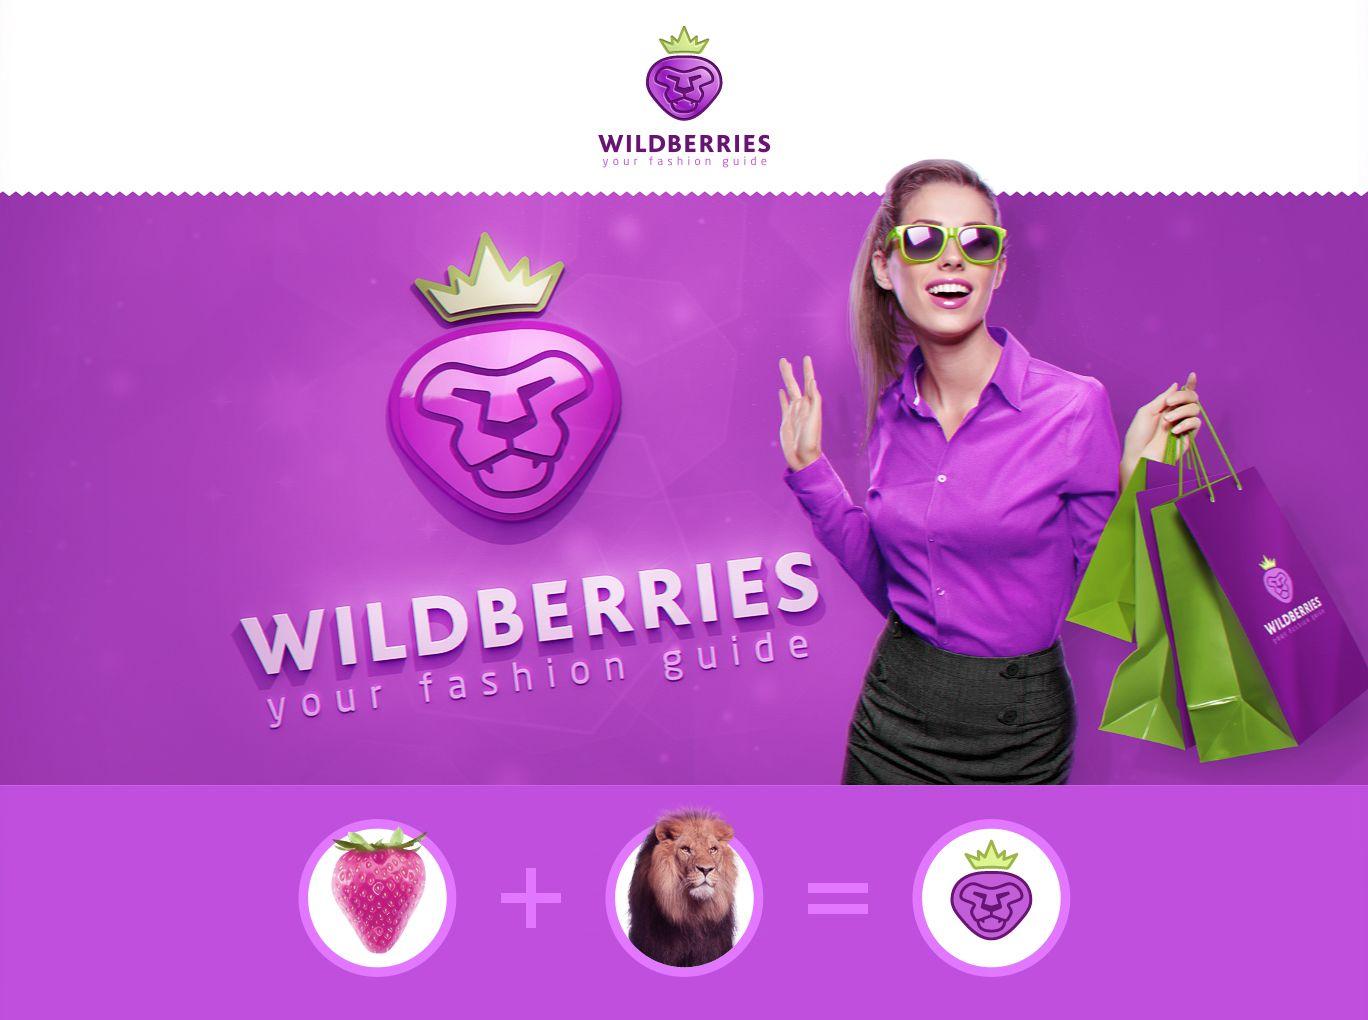 07b6688f100e Промокоды дня! промокод wildberries 23.12.15 на скидку 40% на обувь ...